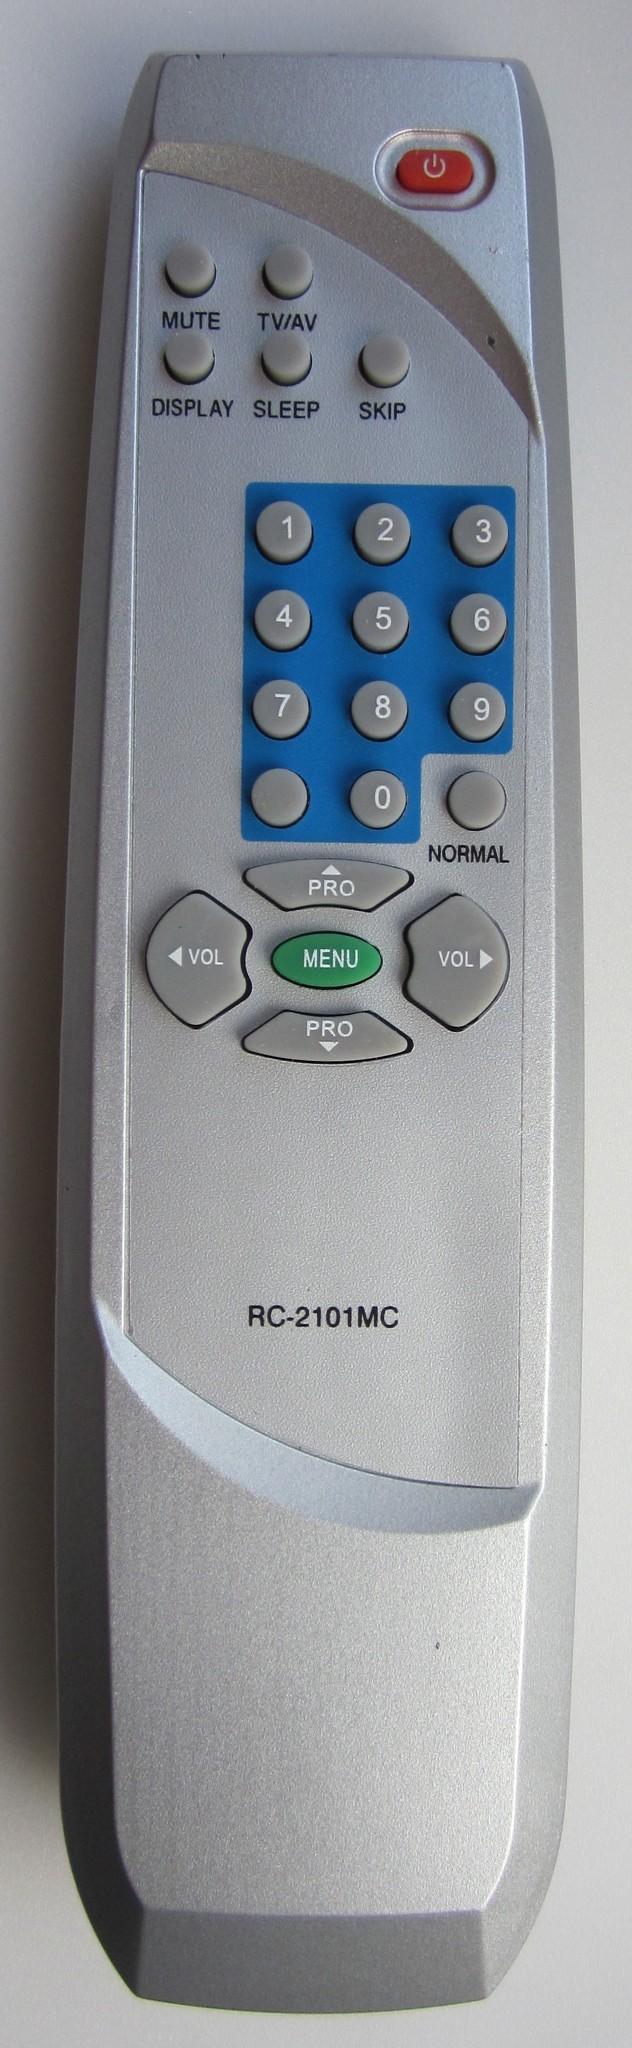 SHIVAKI RC-2101MC (TV-14A23)